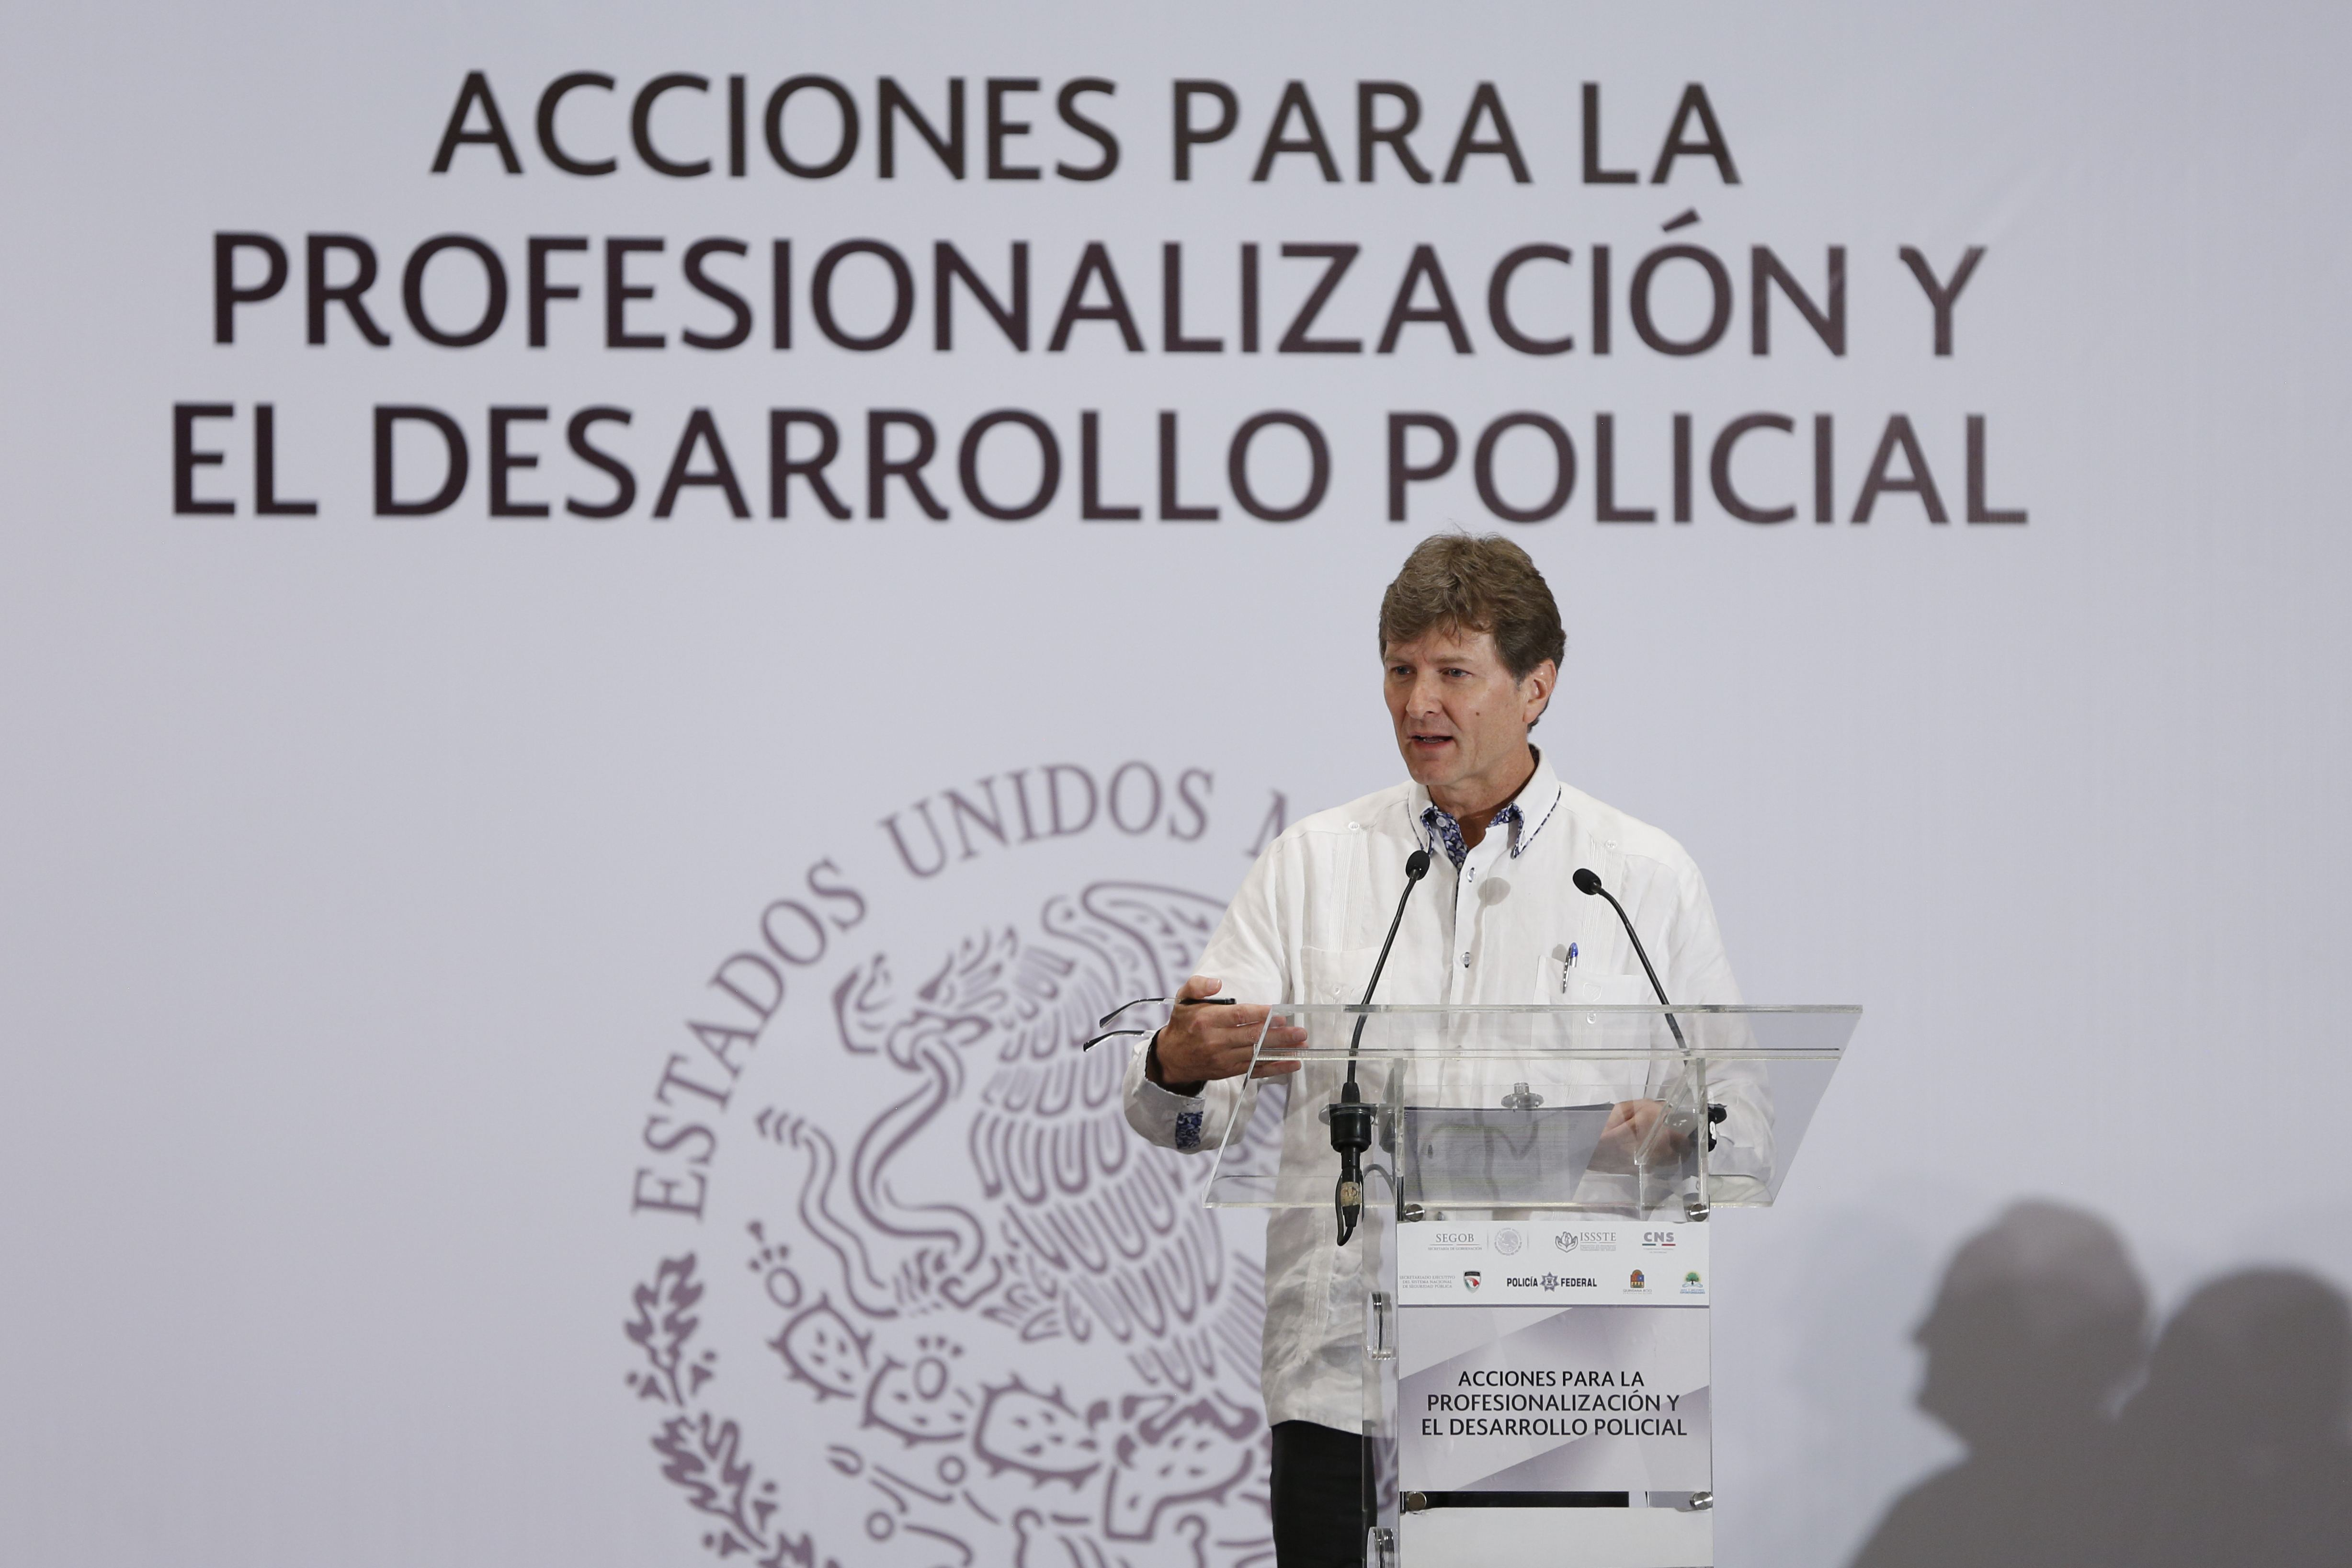 Prioritaria la seguridad de los destinos turísticos, por su impacto en la economía del país: De La Madrid